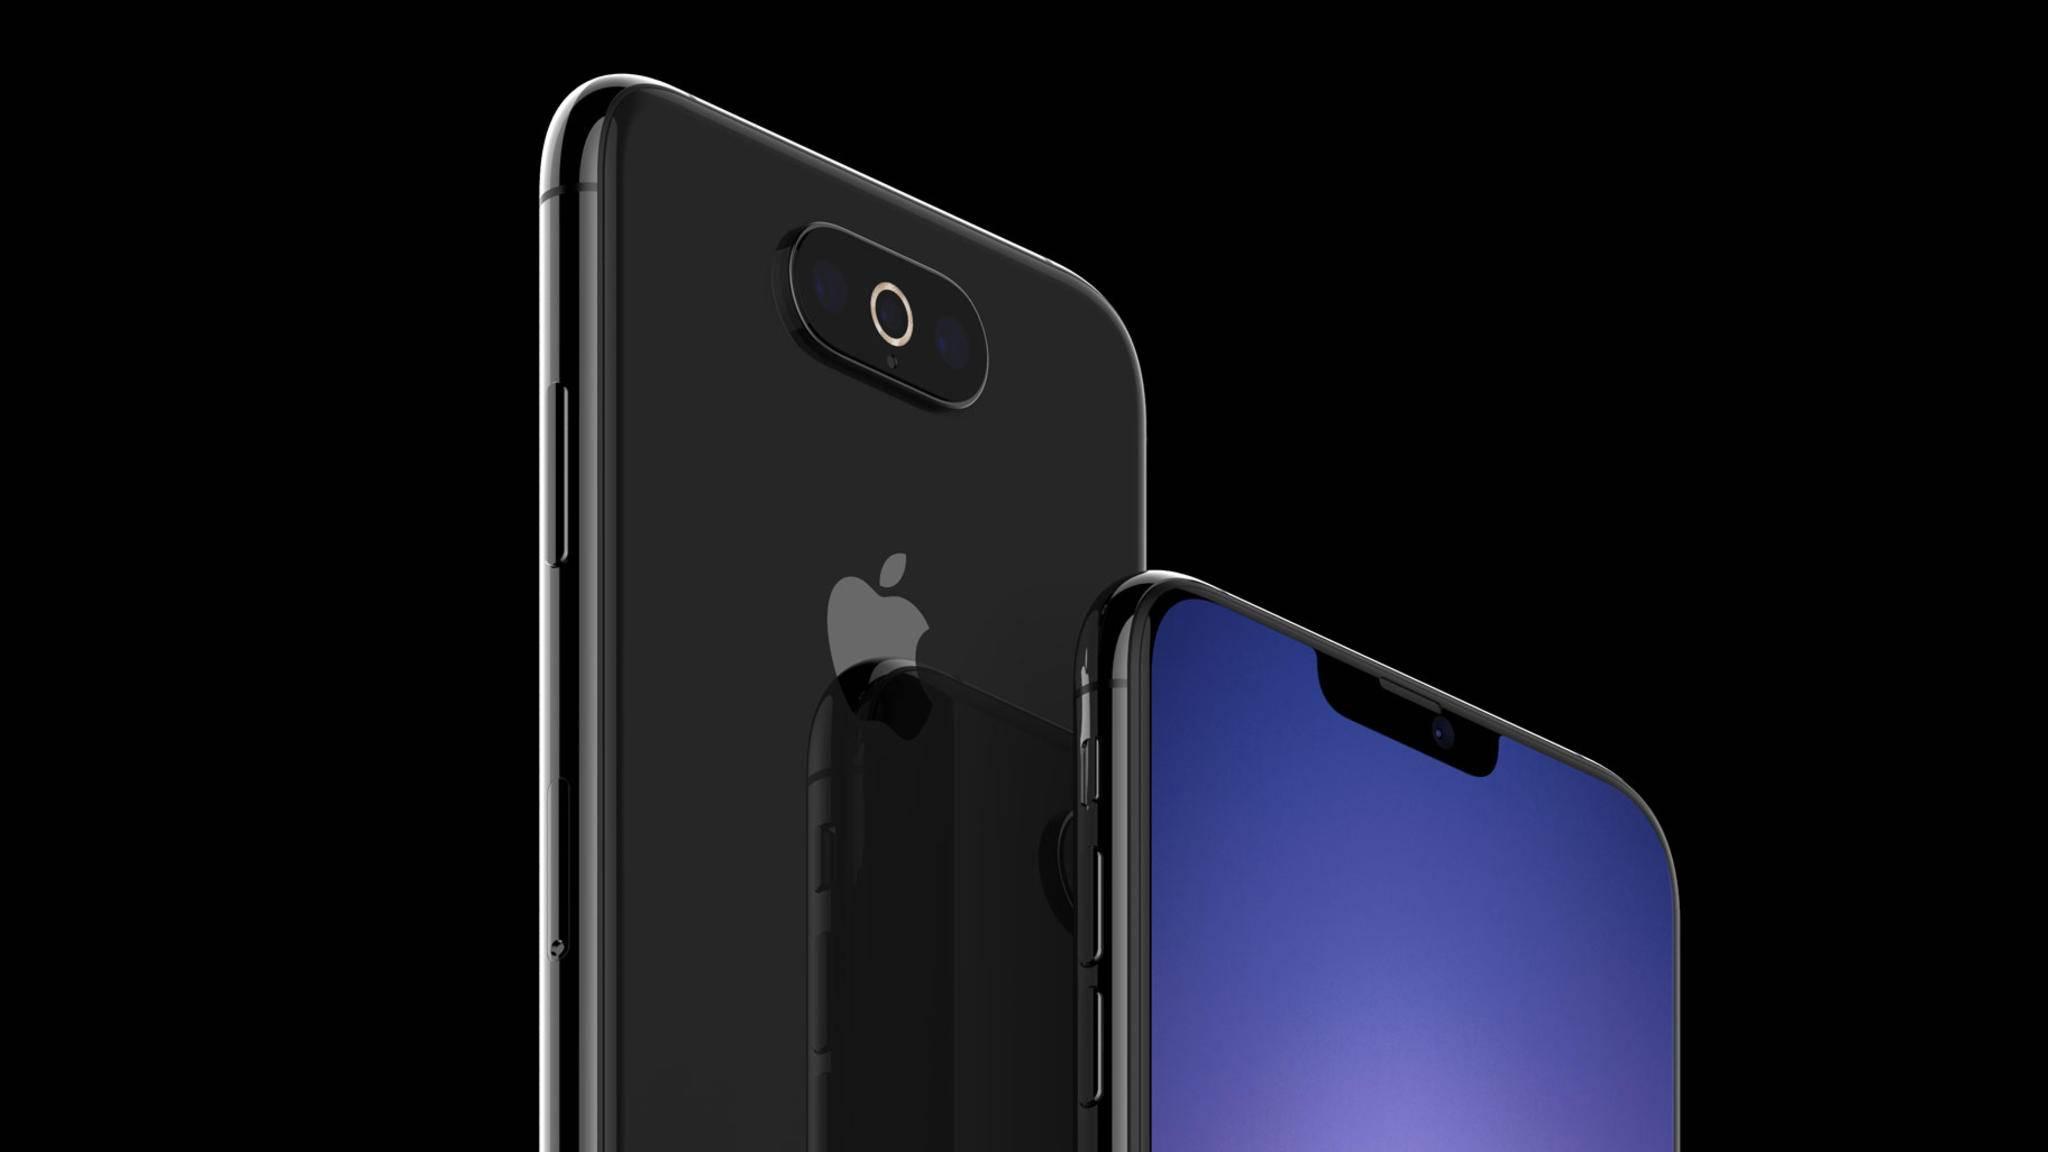 Schmale Notch und zentrierte Triple-Cam: Nur ein mögliches Design für das iPhone 2019.